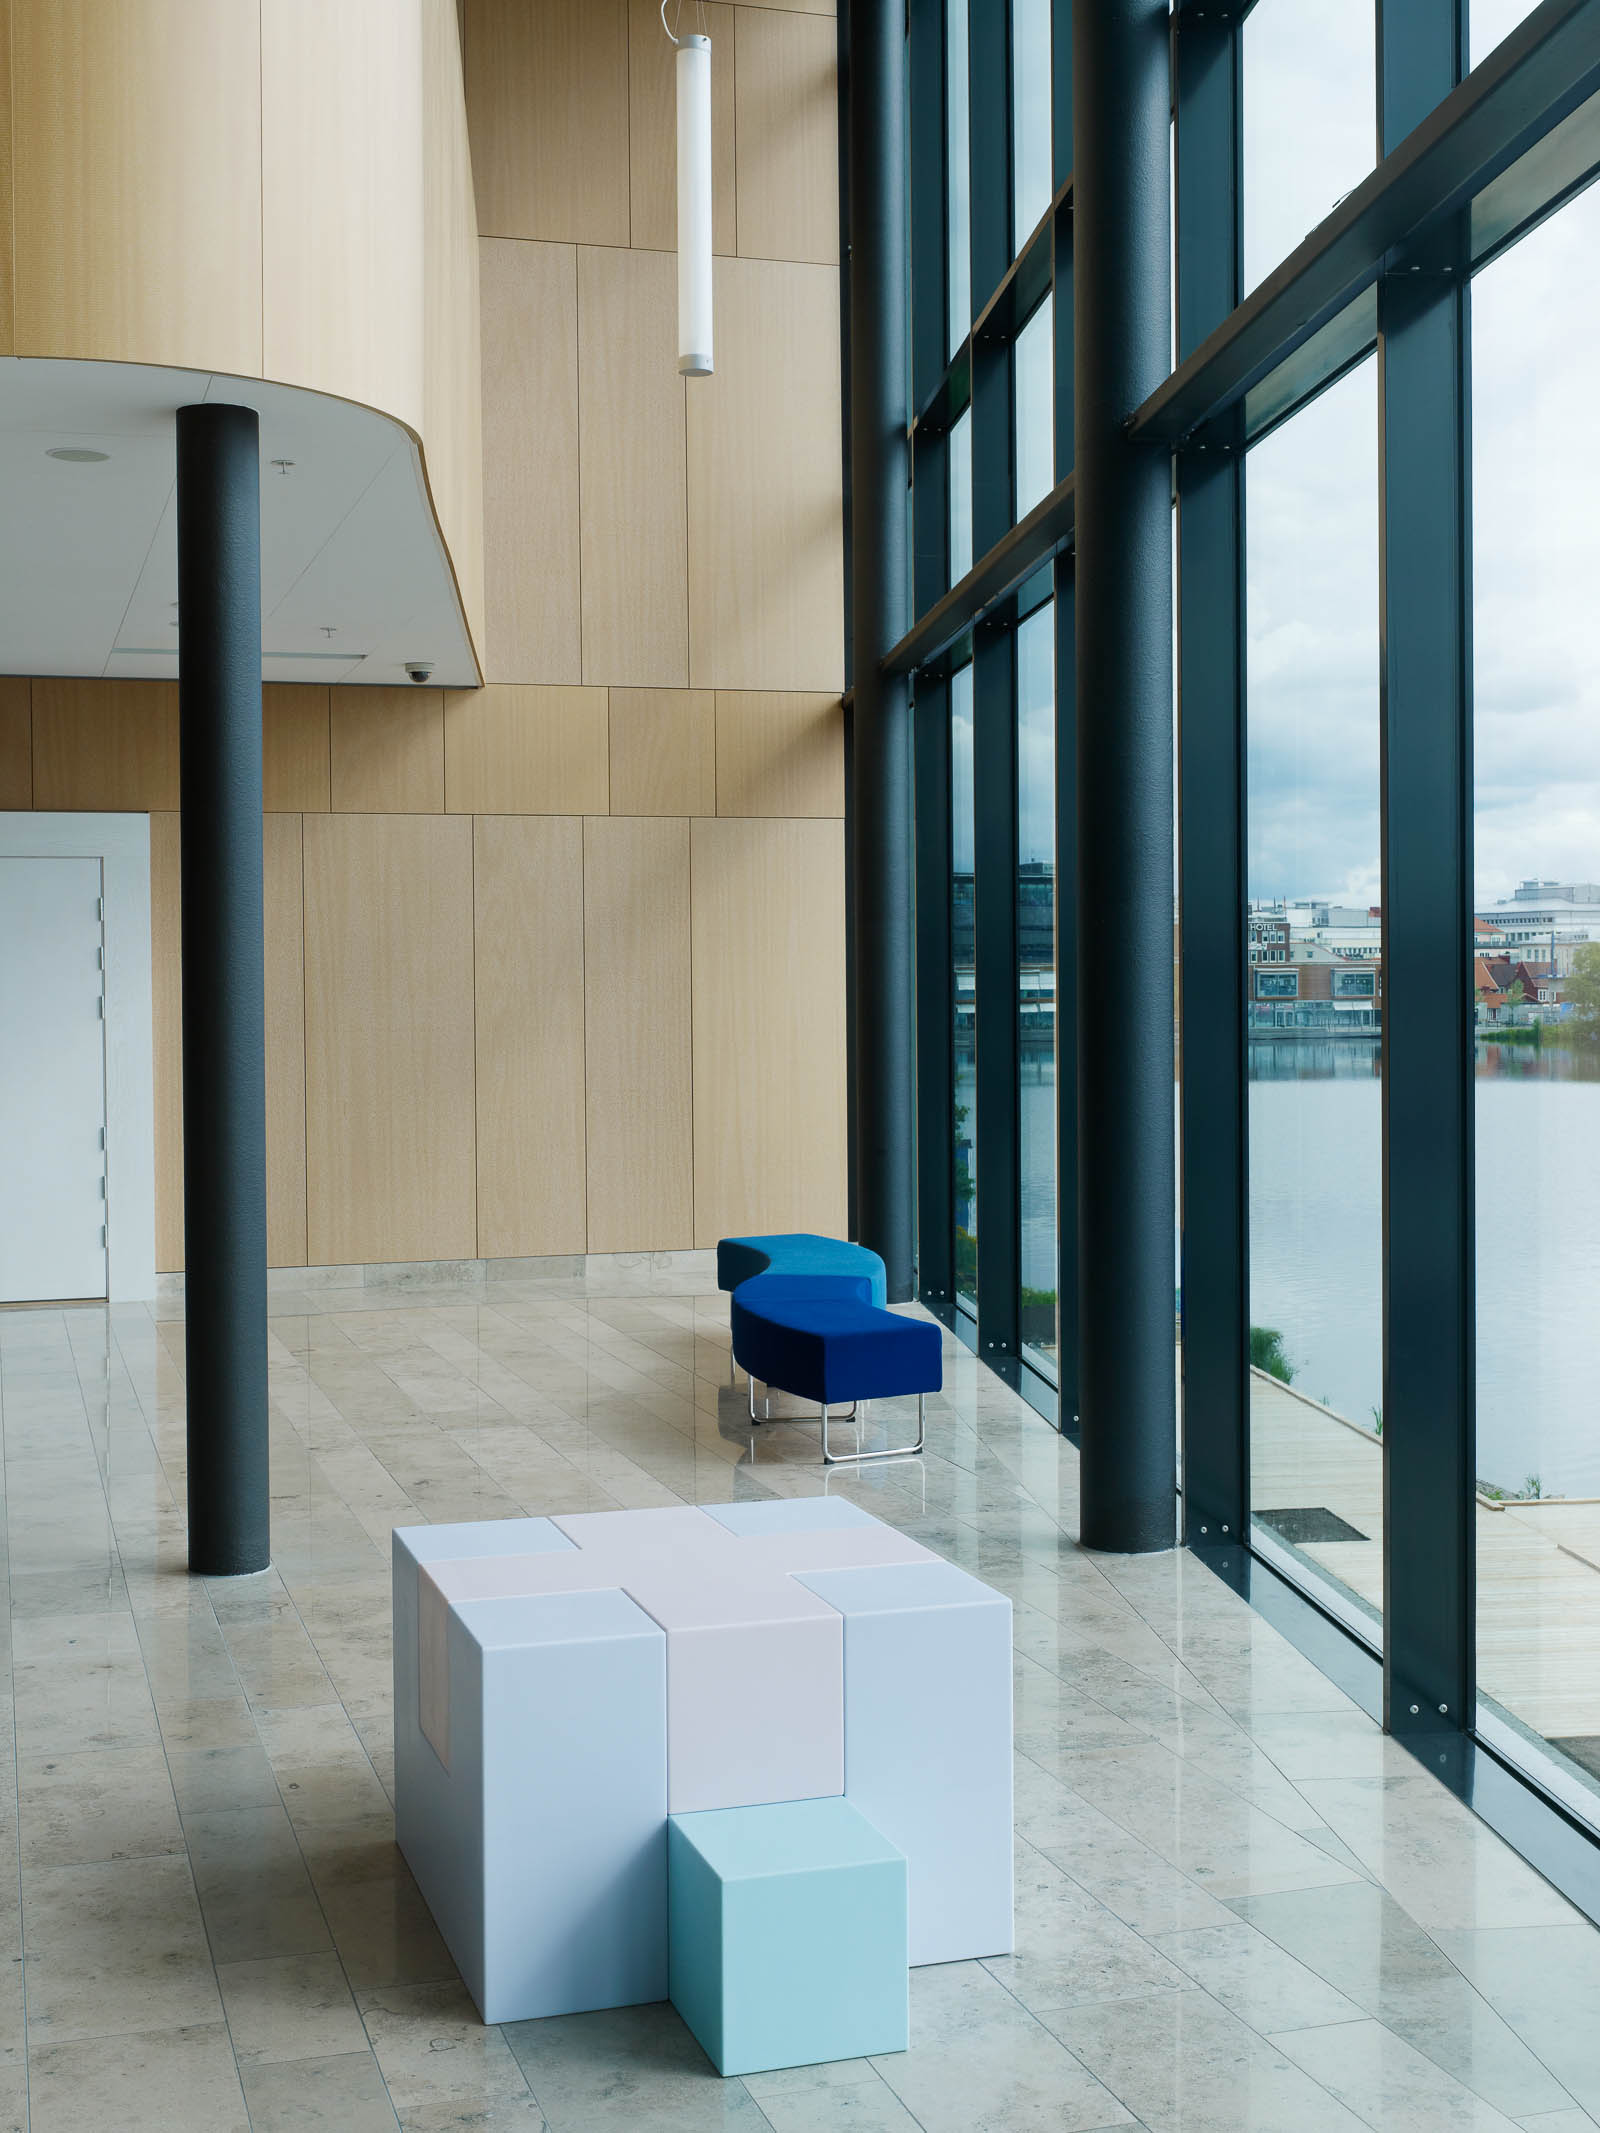 Skulptur bestående av en stor vit och en liten blå kub, vid en sittbänk nära glasfasad ut mot vattnet. Jacob Dahlgren, Tetris, 2012.